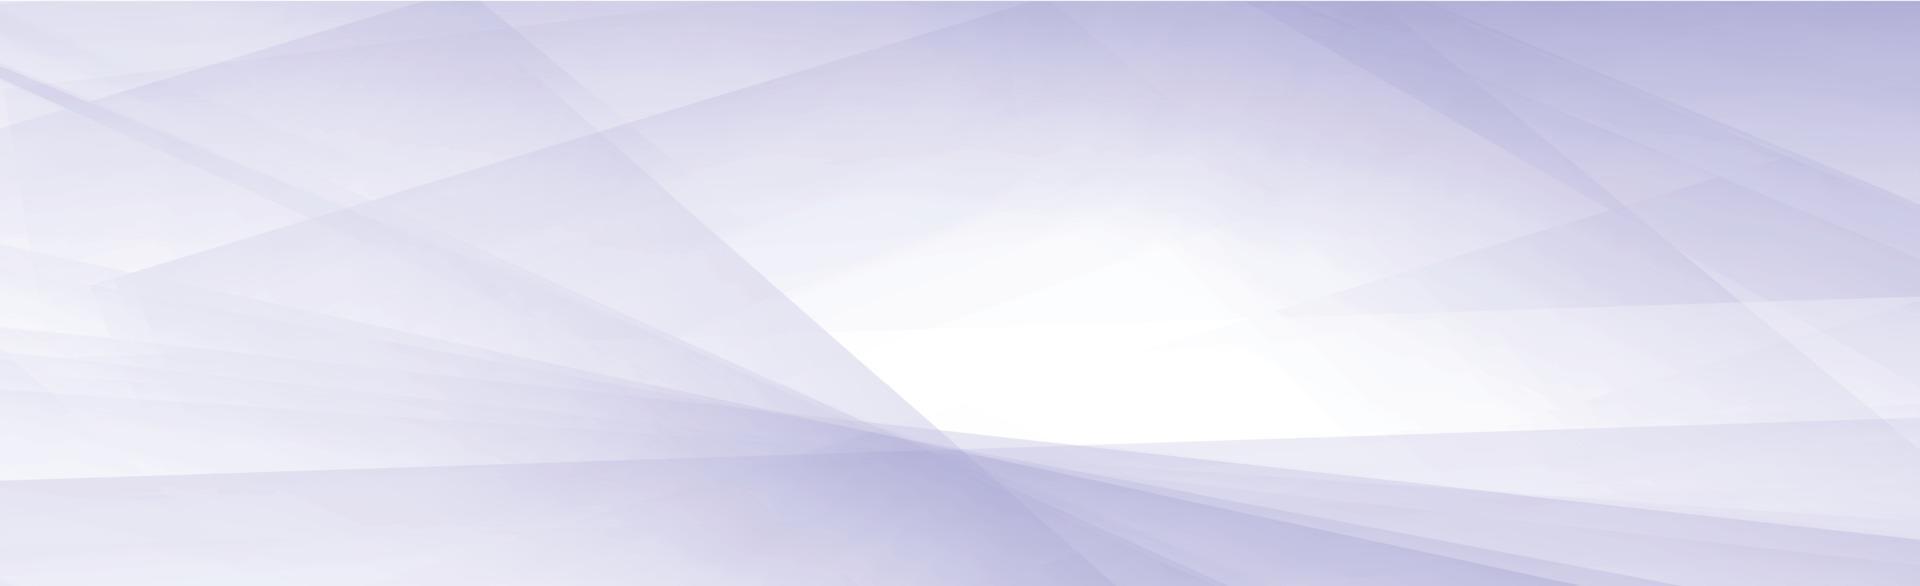 panoramische abstracte achtergrond met verschillende tinten blauw - vector